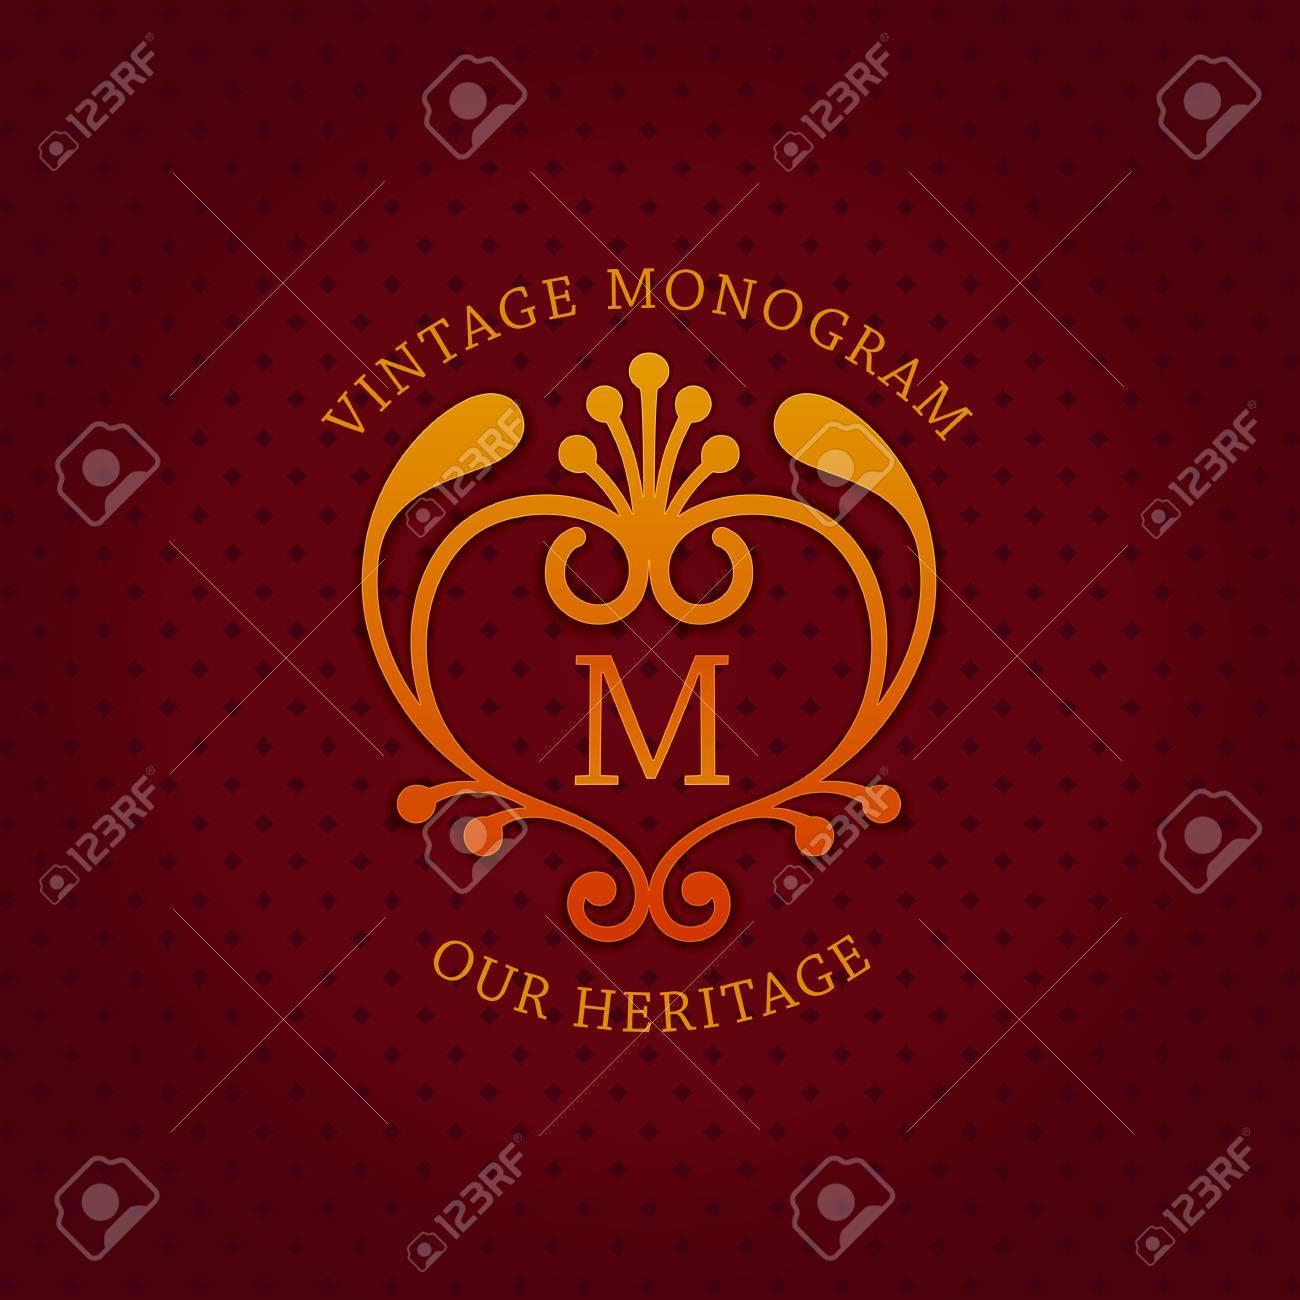 Stilvolles Vintage Emblem Mit Buchstaben \